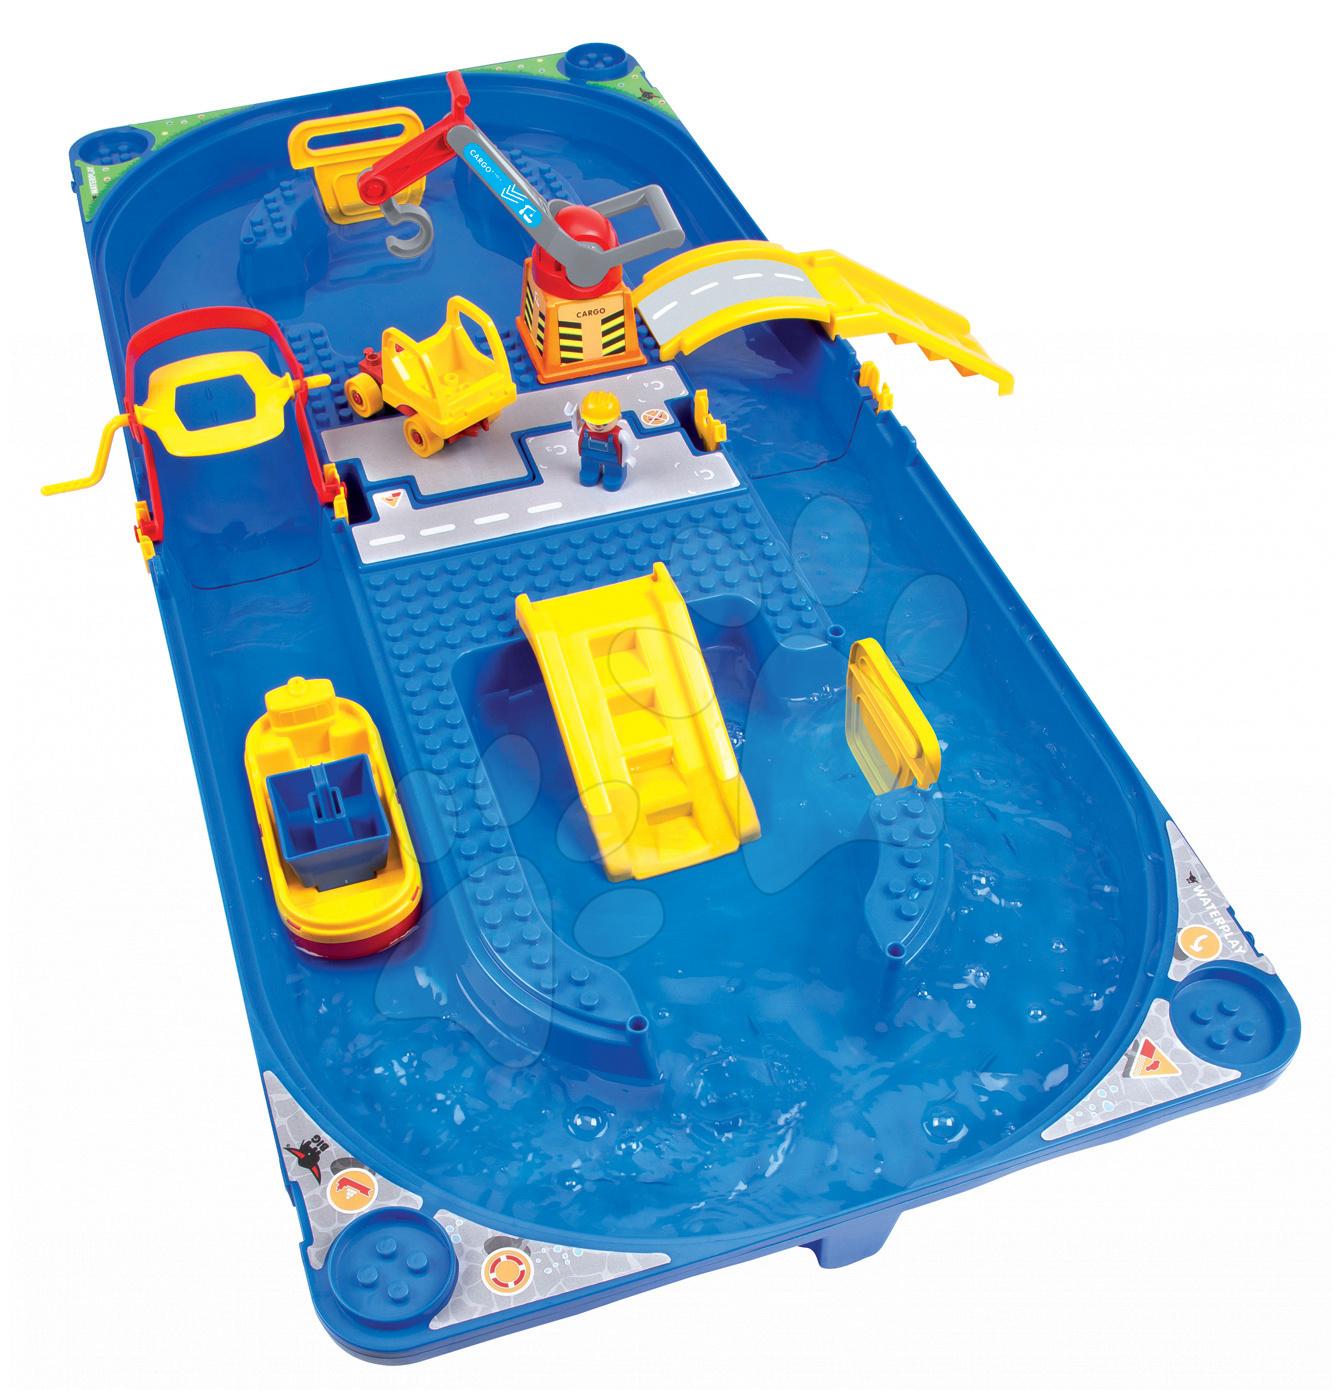 Vodne dráhy pre deti - Vodná hra Waterplay Funland BIG v kufríku modrá